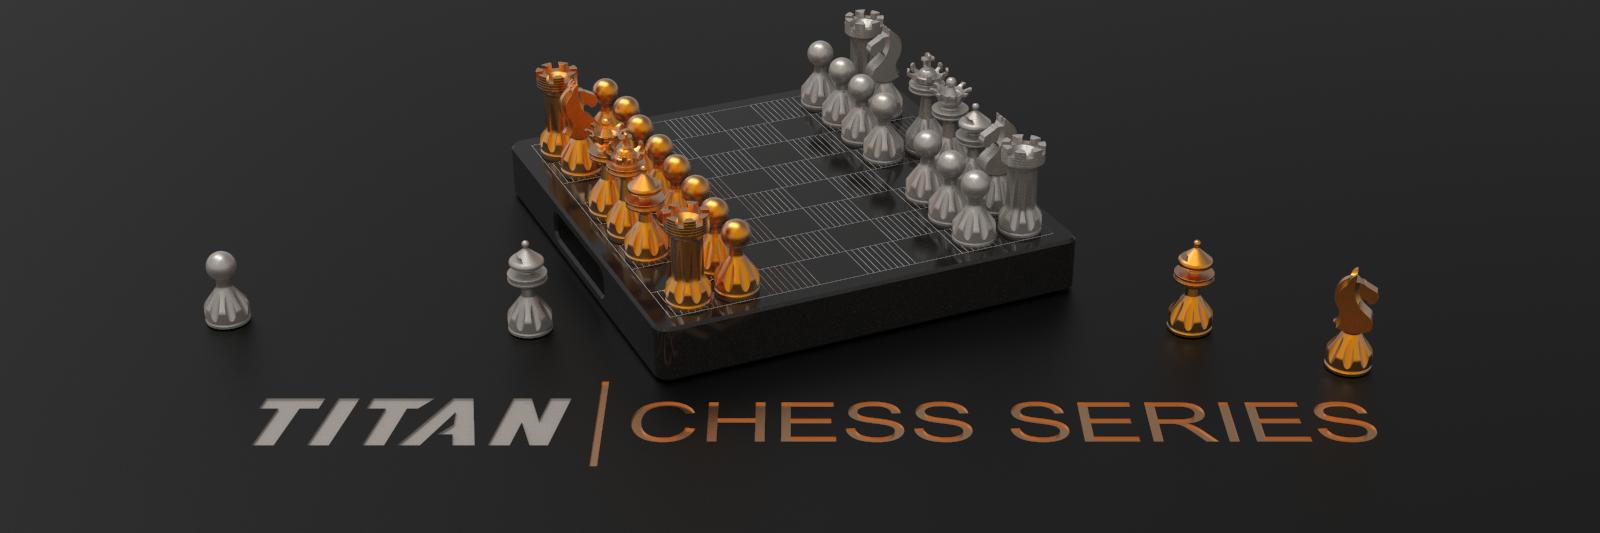 TITAN Chess Set Image